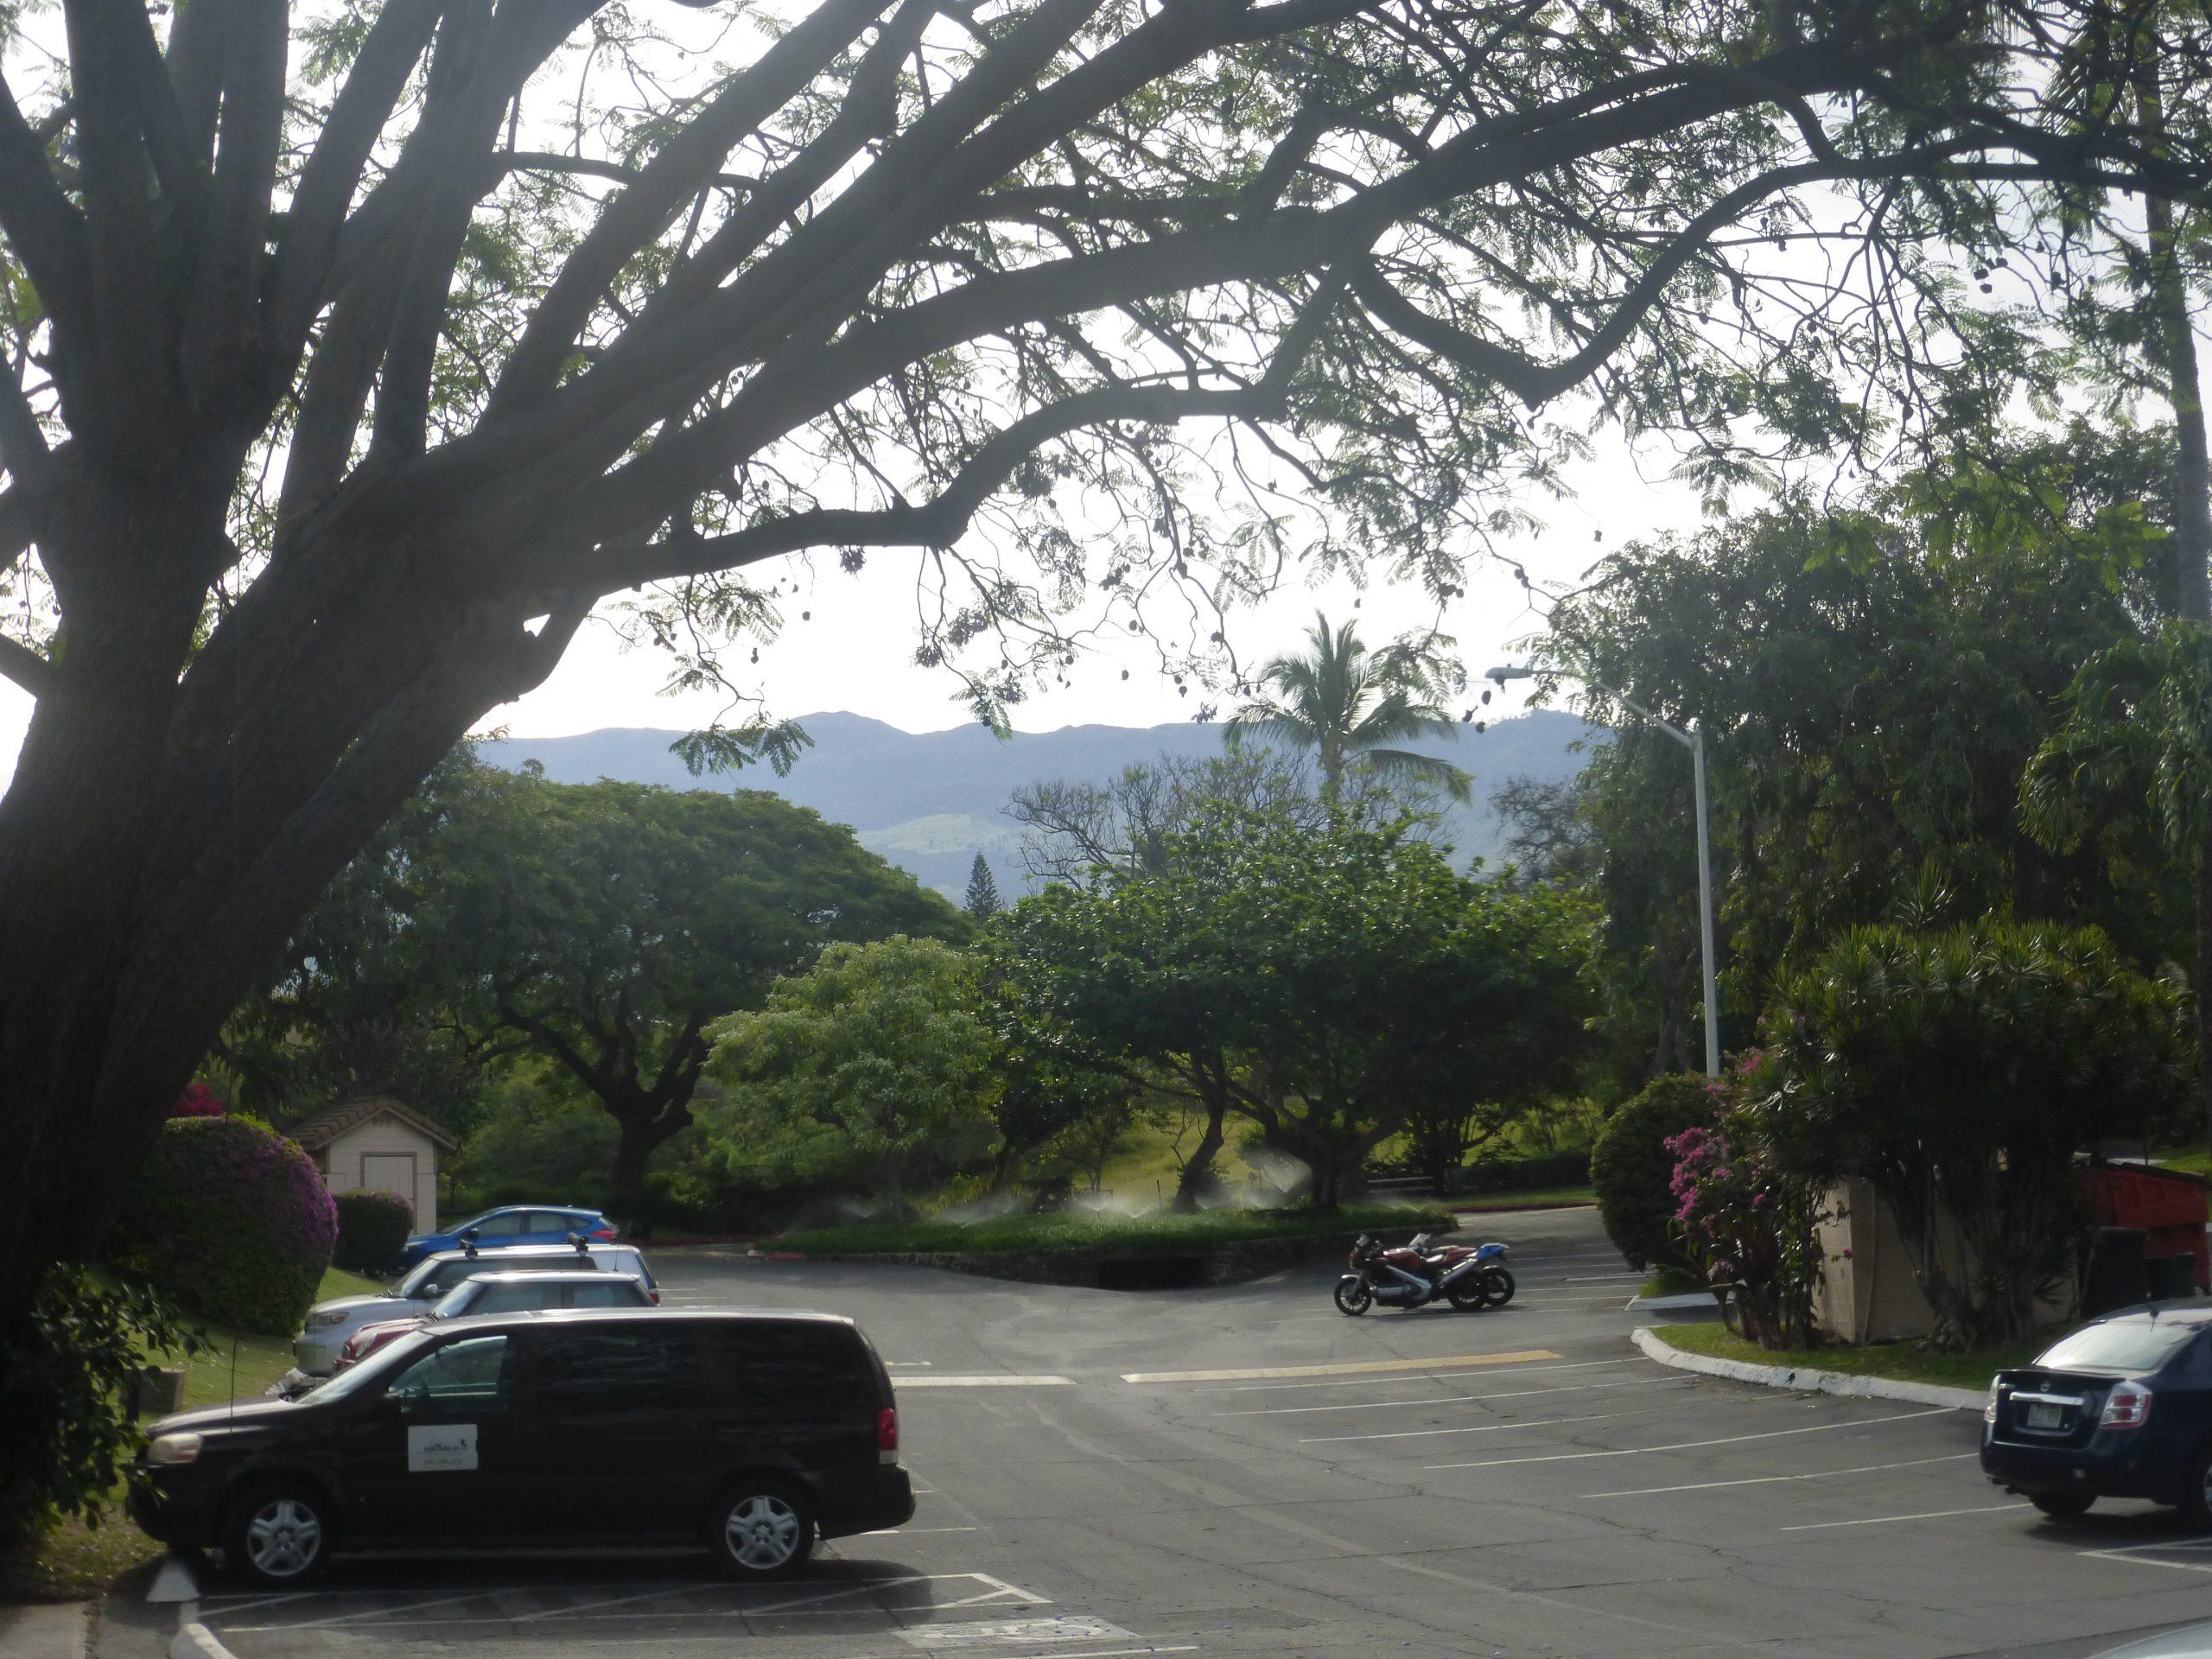 View of Haleakala from KKN Parking lot